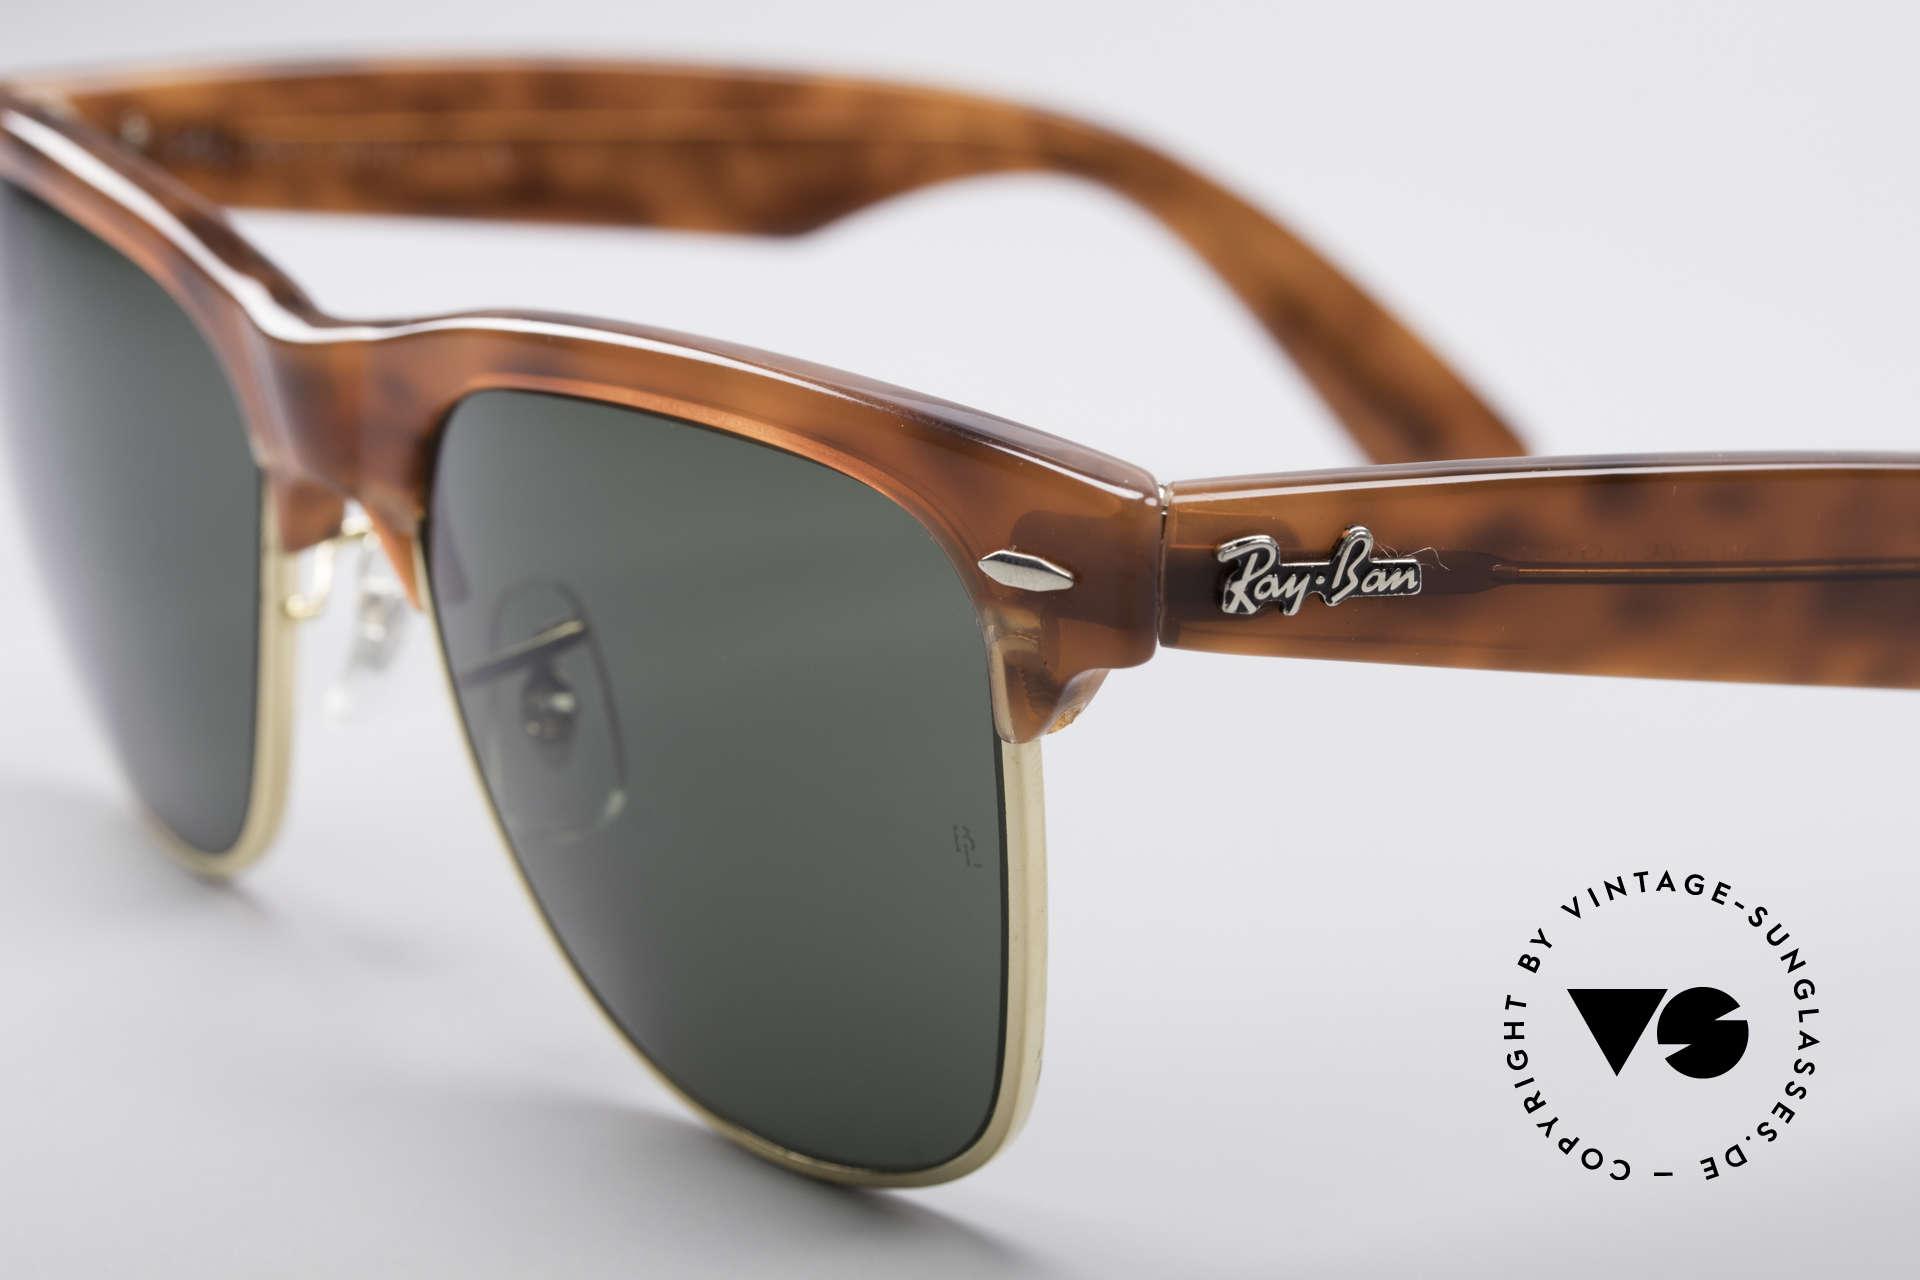 db3b3d41b1 ... canada ray ban wayfarer max ii bl usa sunglasses 6c96a f3525